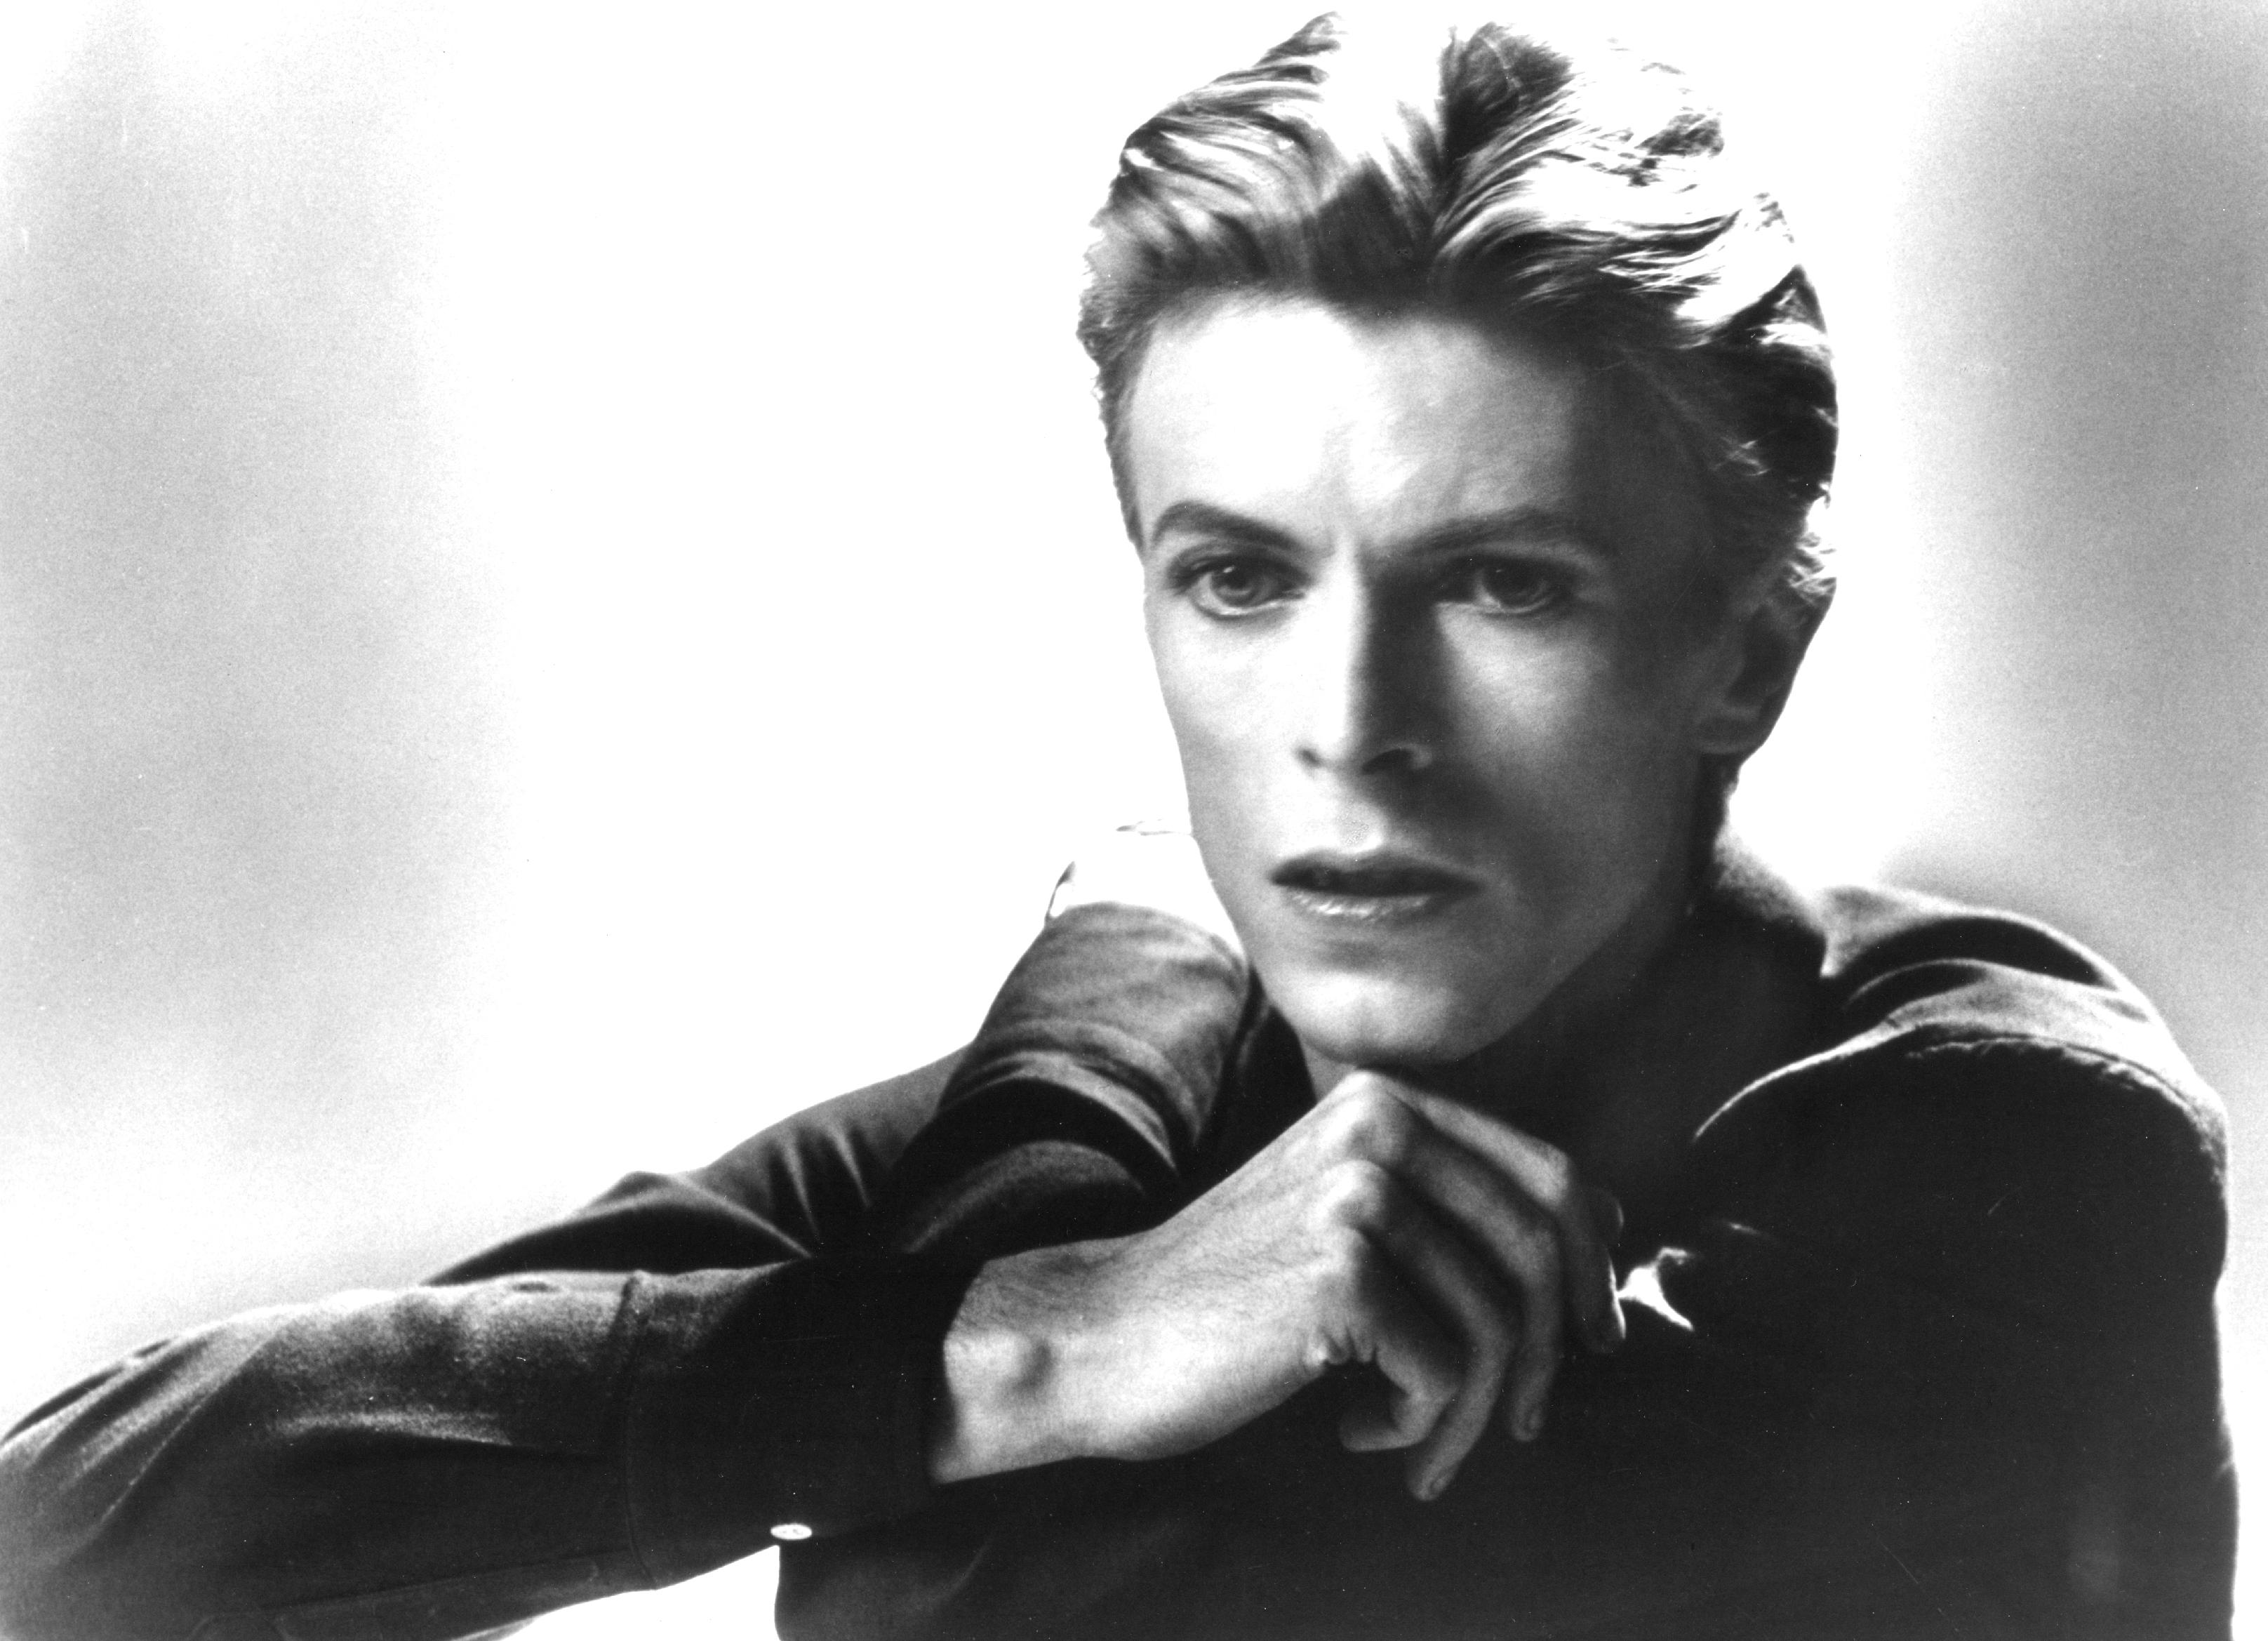 David Bowie im jahr 1976.